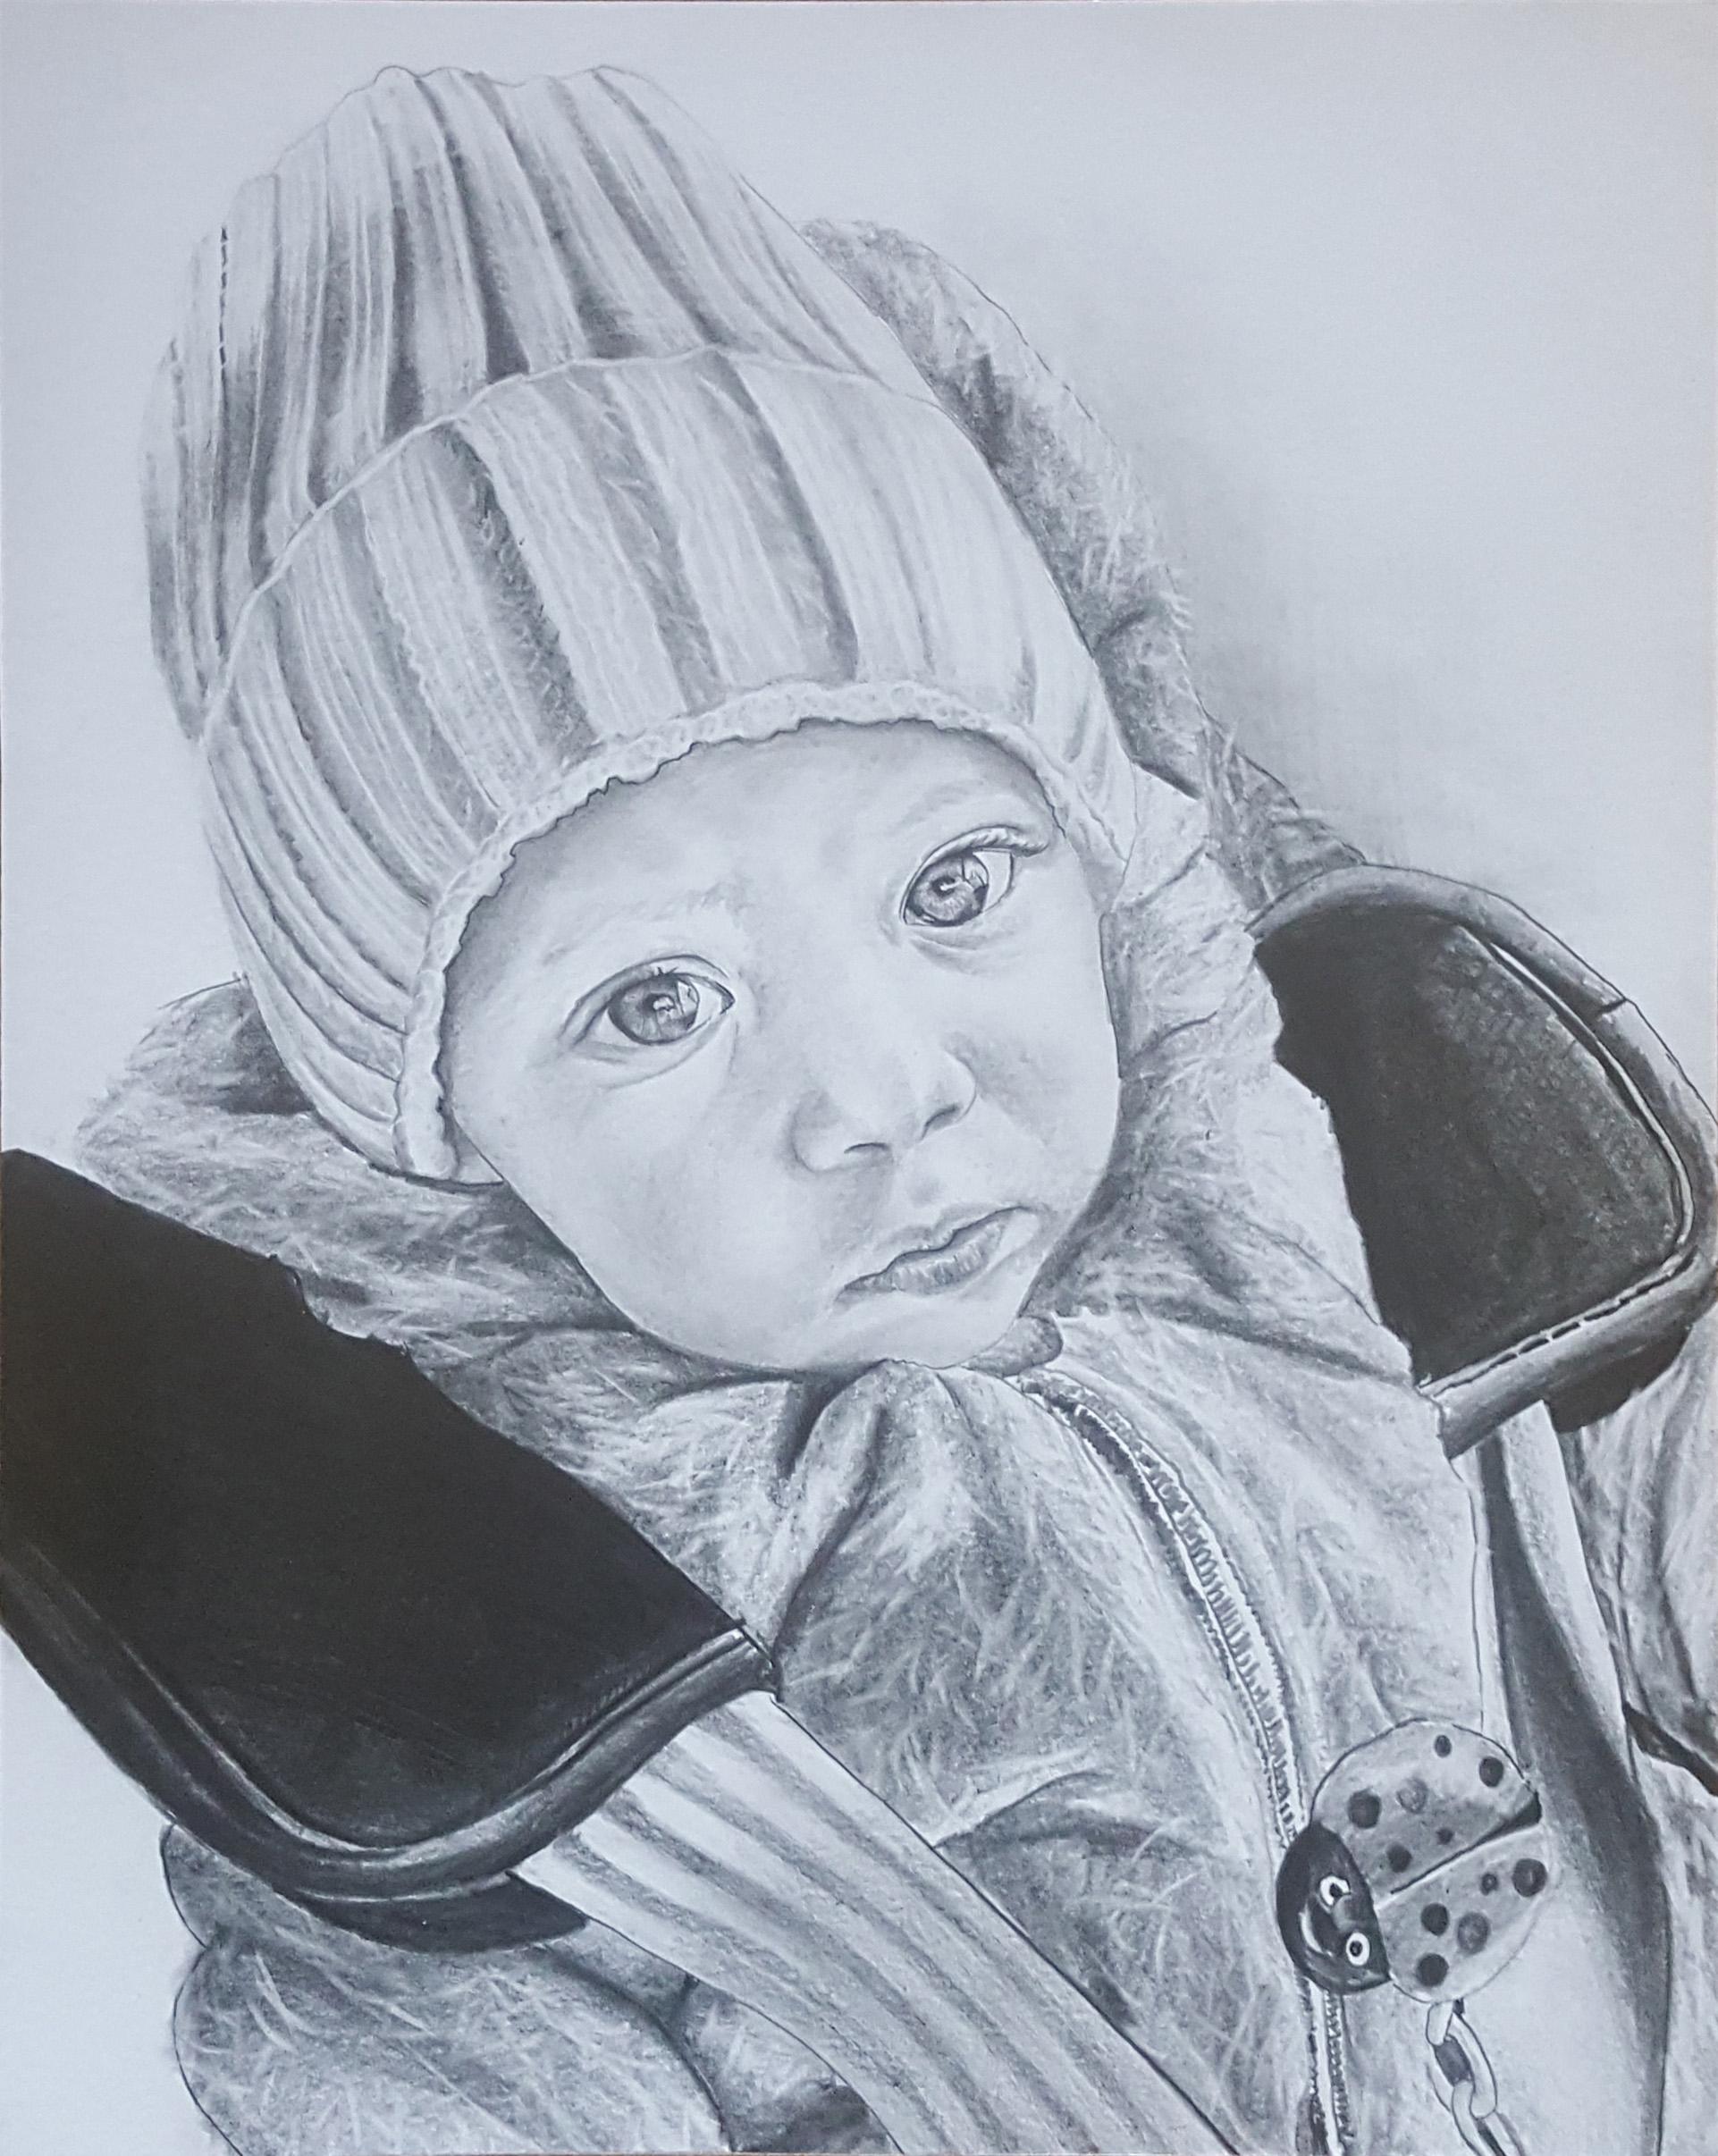 bebek karakalem çizimi